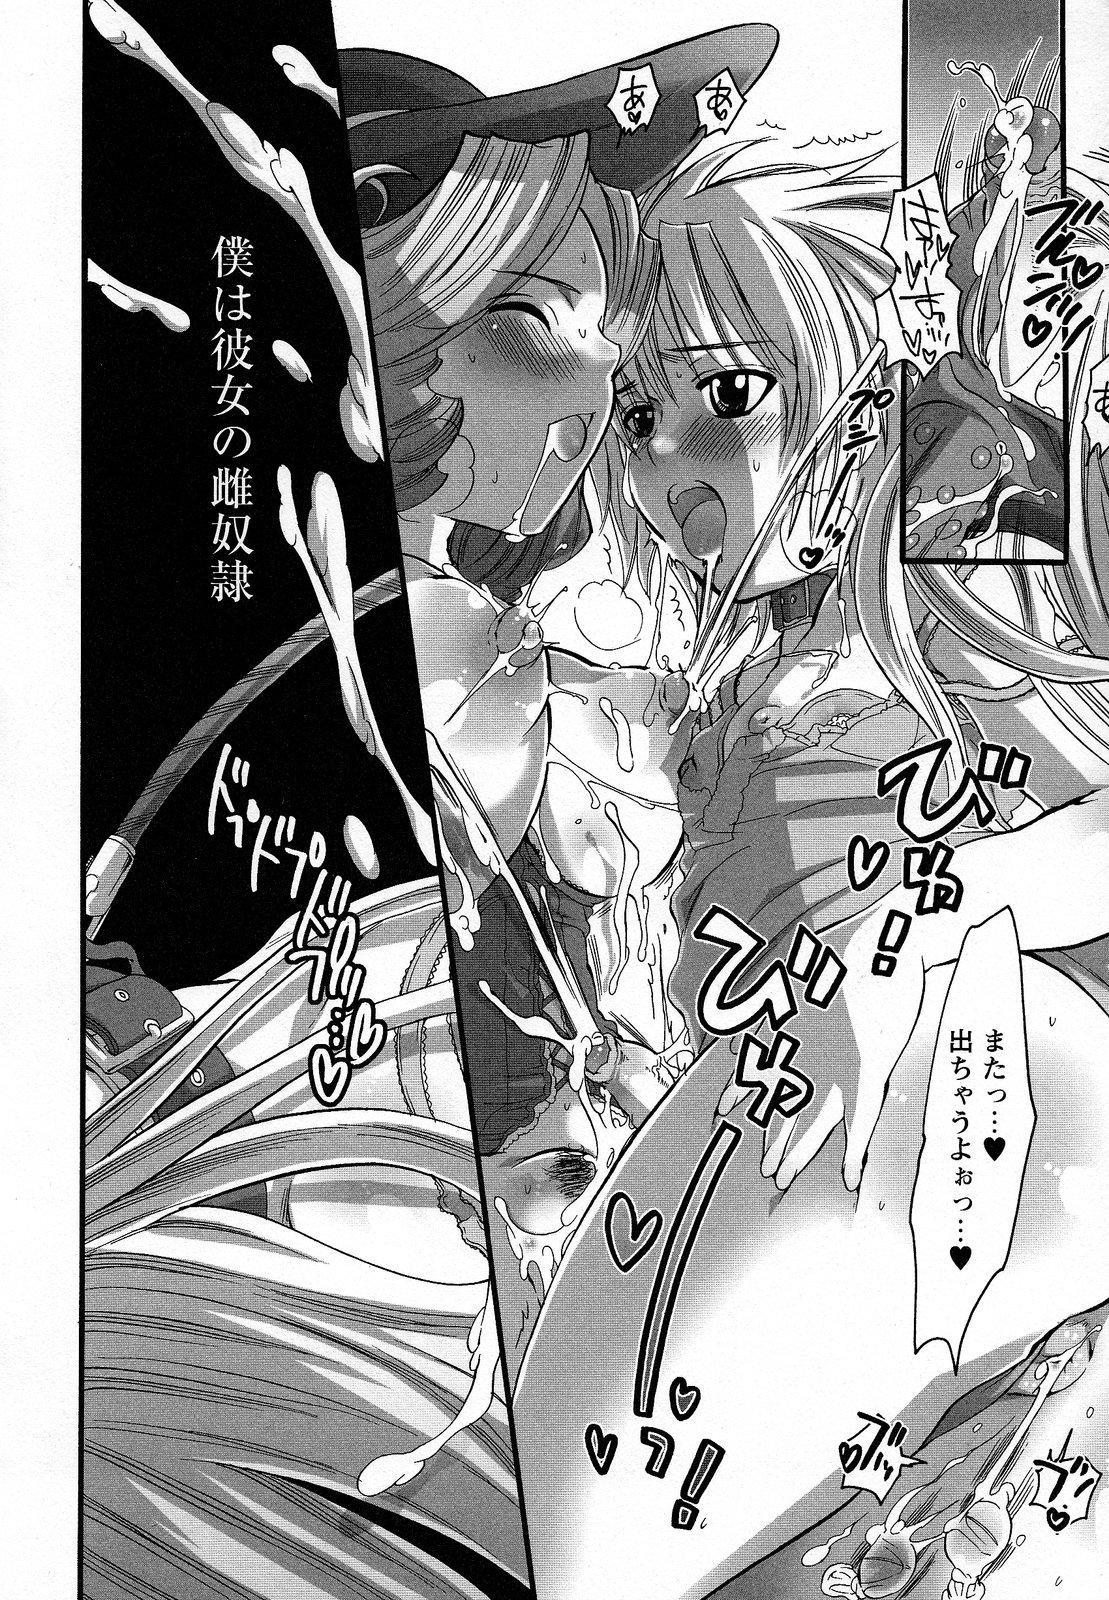 Boku ga Onee-sama no Mesu Dorei ni Narutoki 49